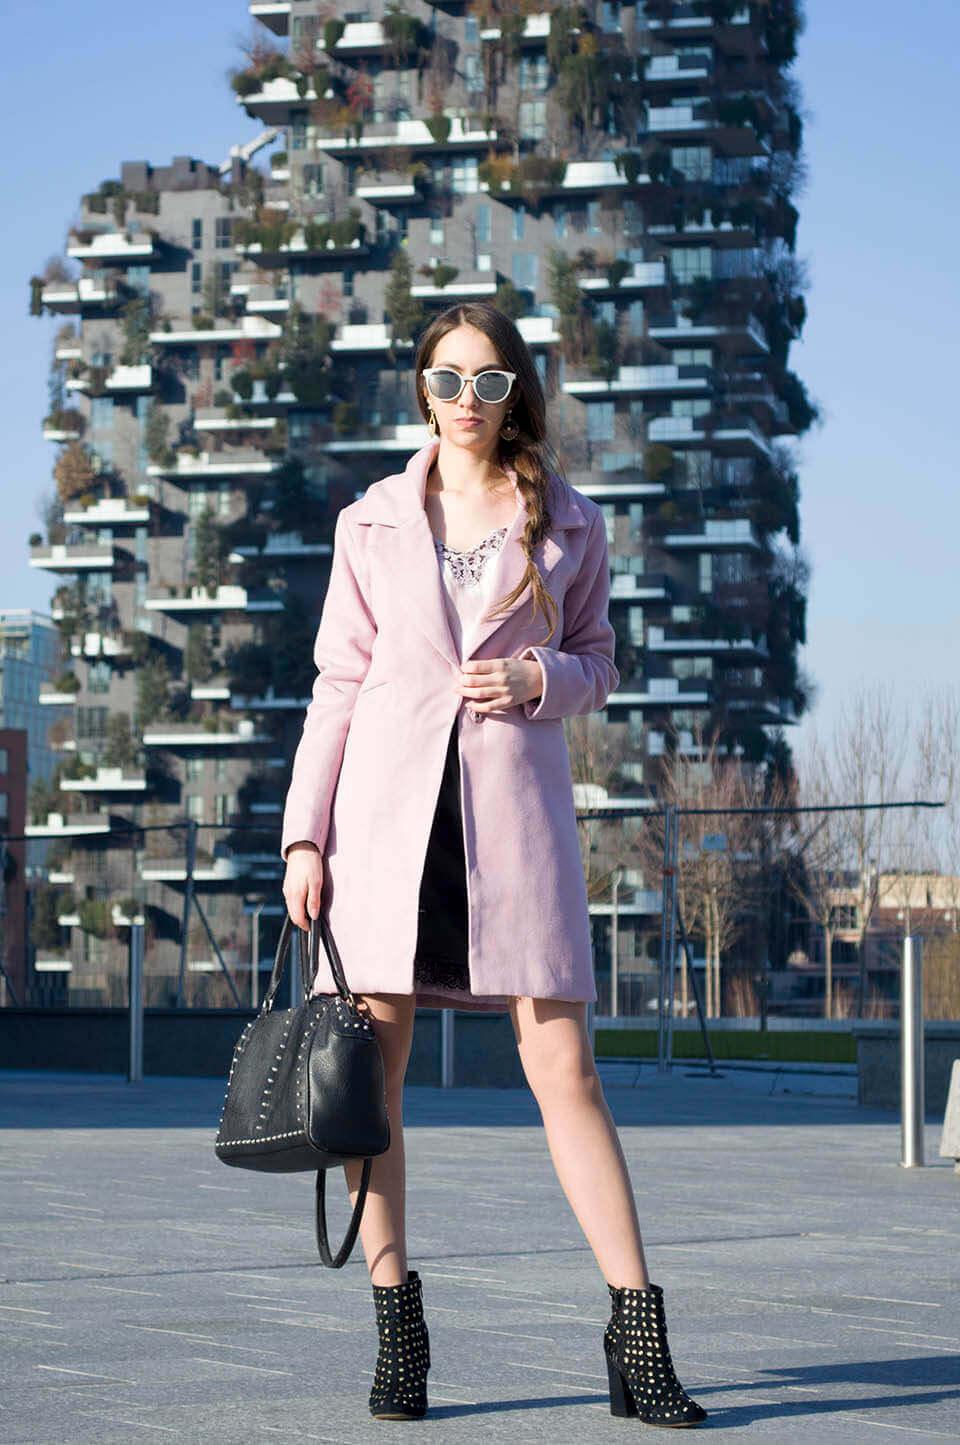 Pink coat outfit - Manu Luize